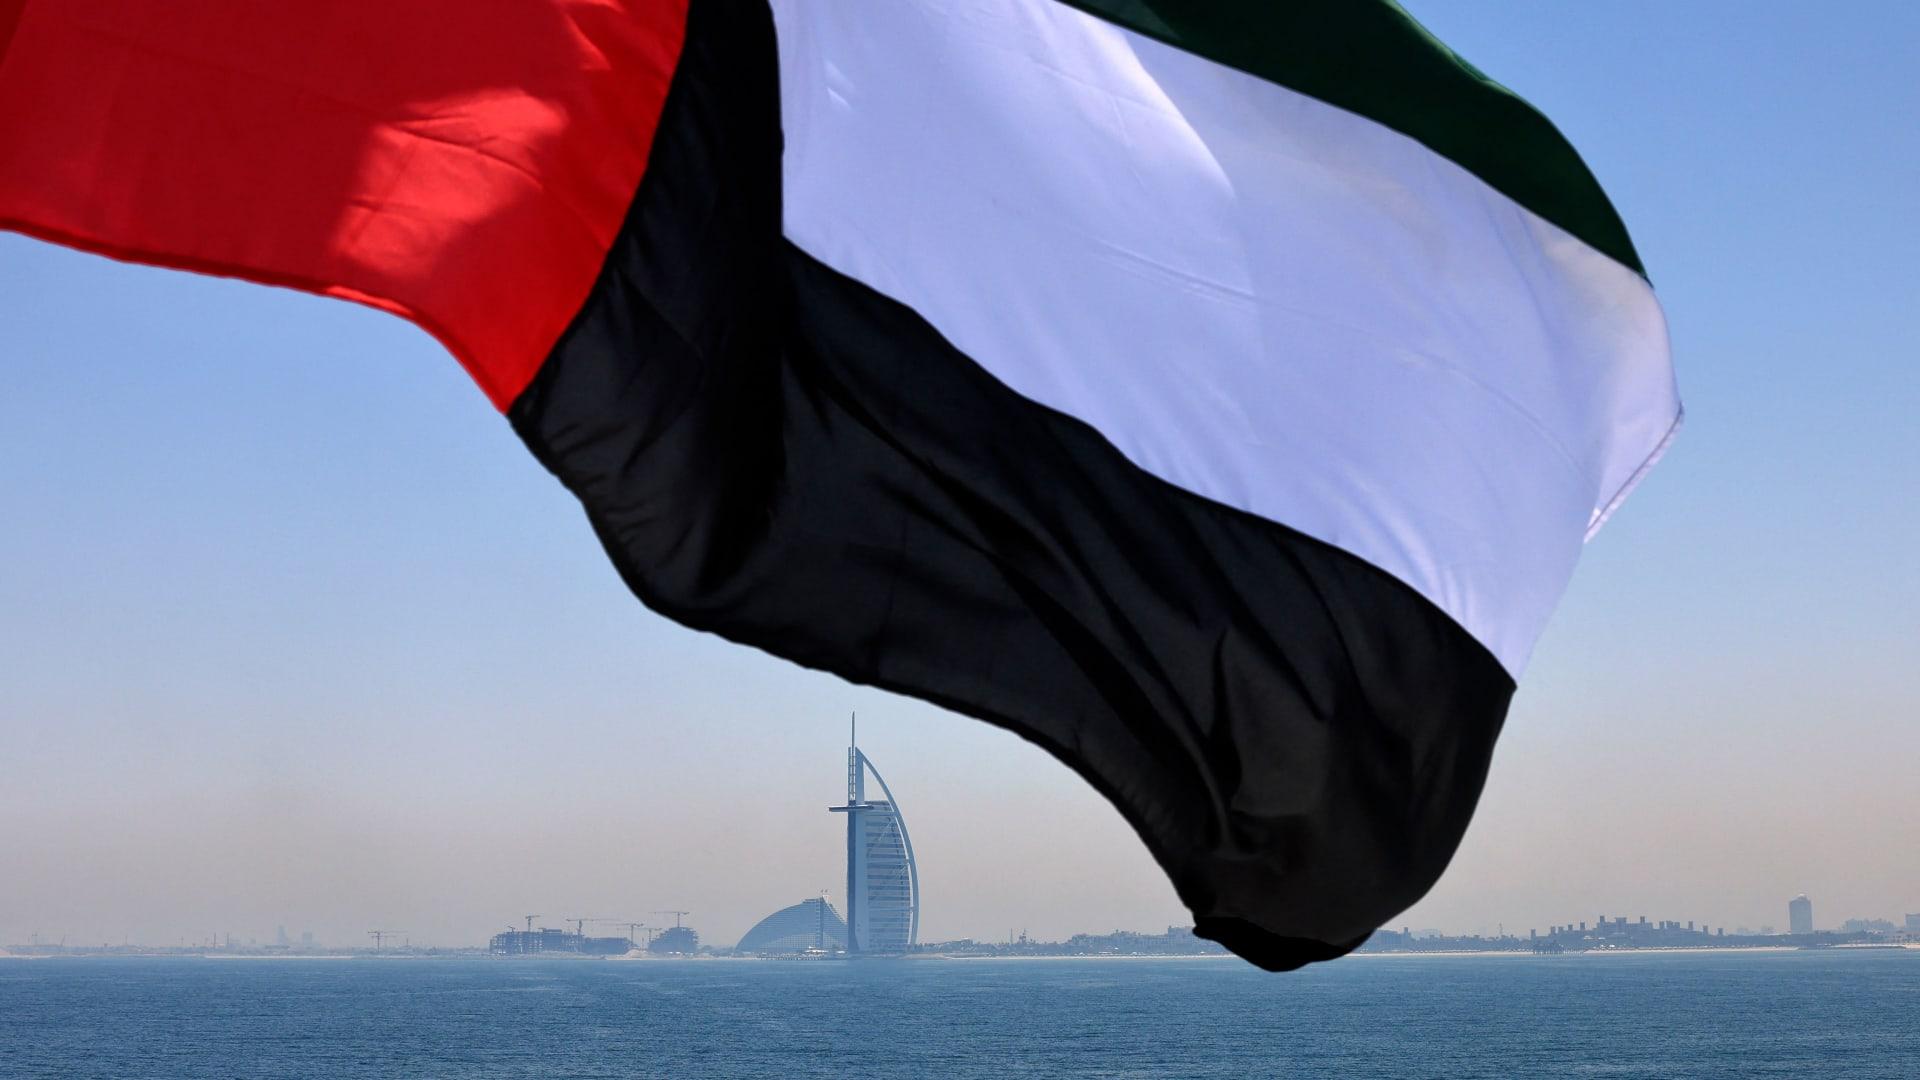 علم الإمارات يرفرف فوق مرسى دبي مع فندق برج العرب في الخلفية